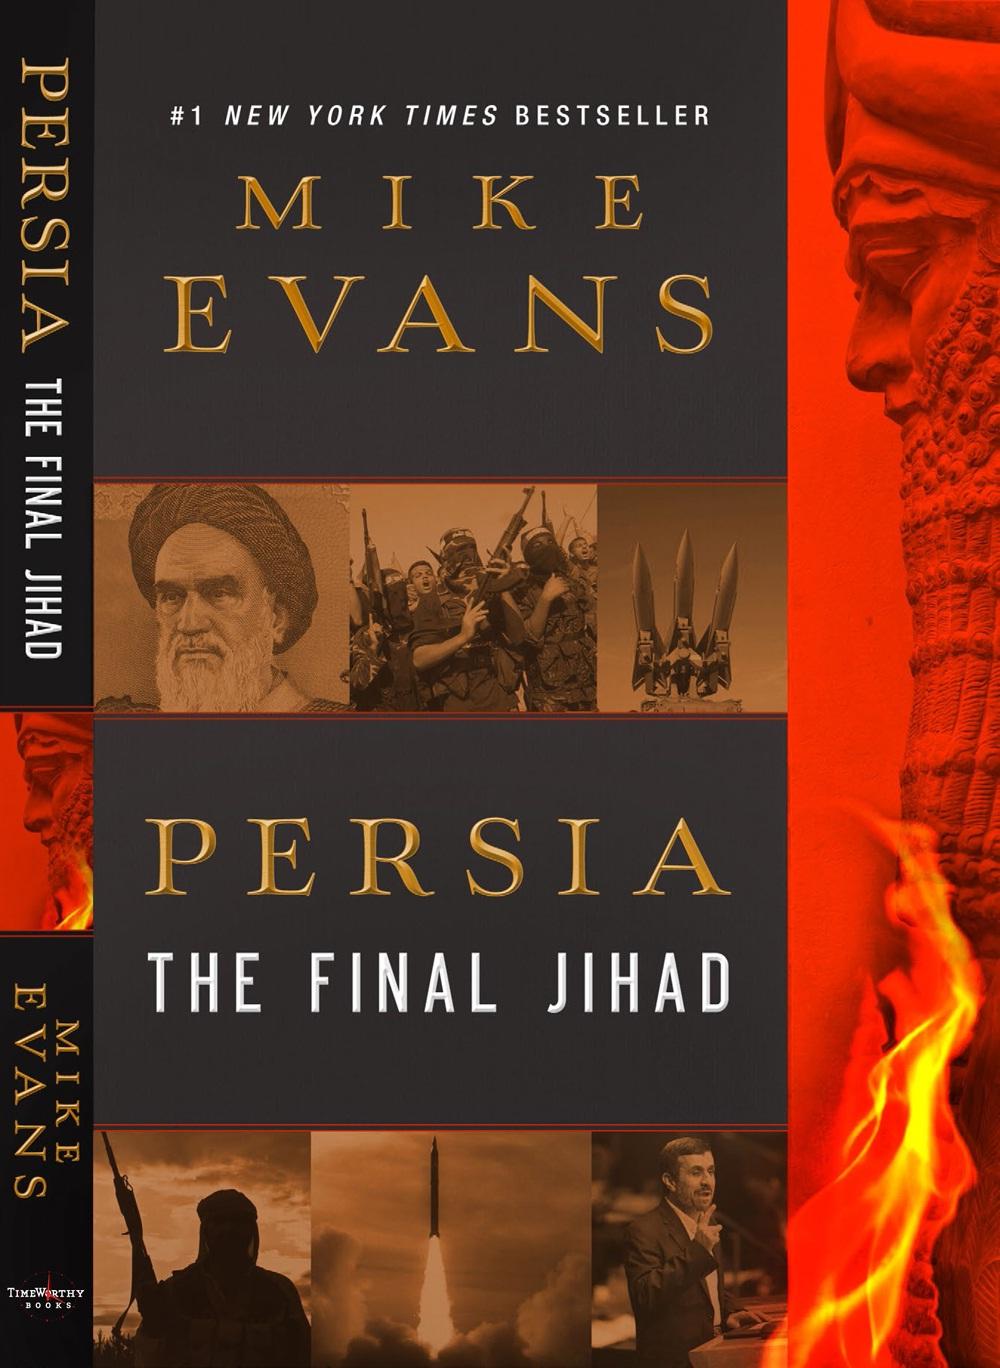 Persia: The Final Jihad